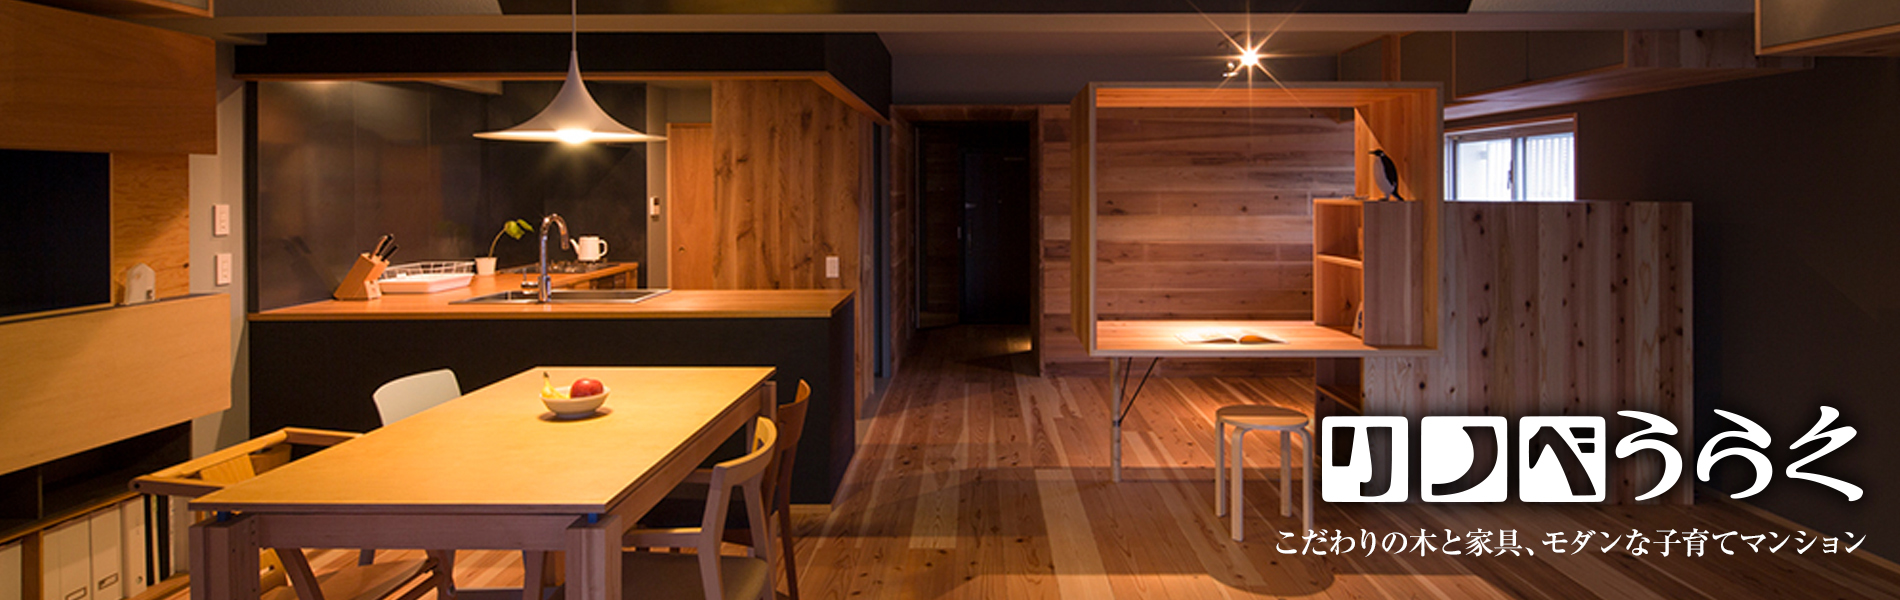 こだわりの木と家具が空間を彩るモダンな子育てマンション